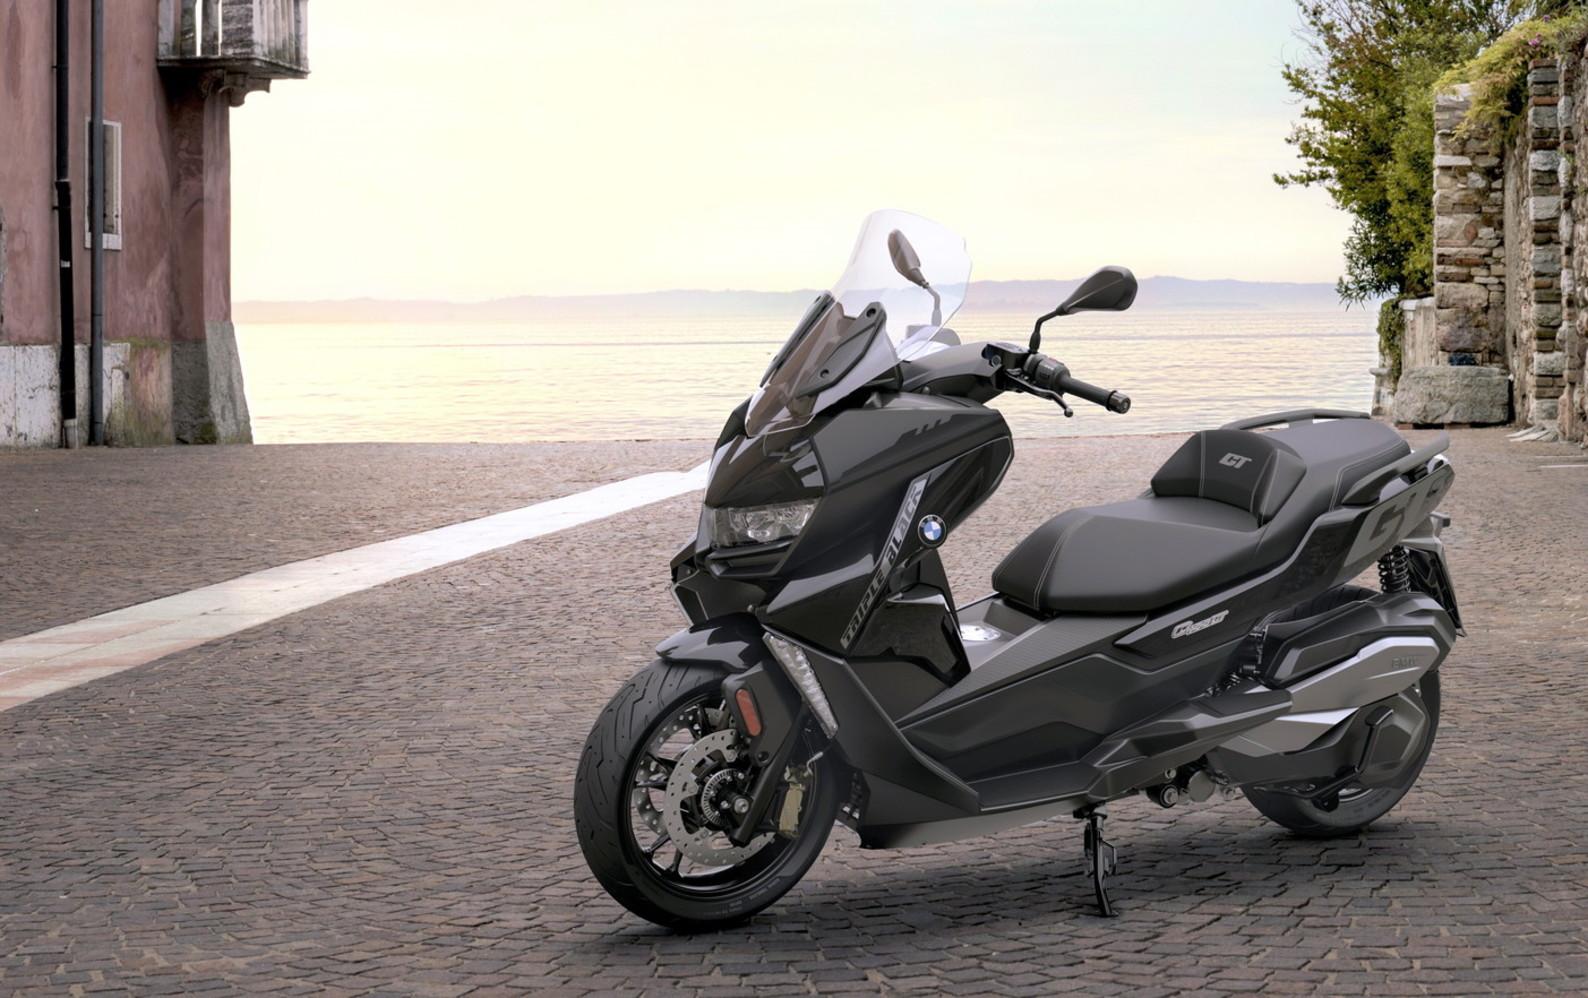 Motore Euro 5 e nuovi contenuti per BMW C 400 X e C 400 GT